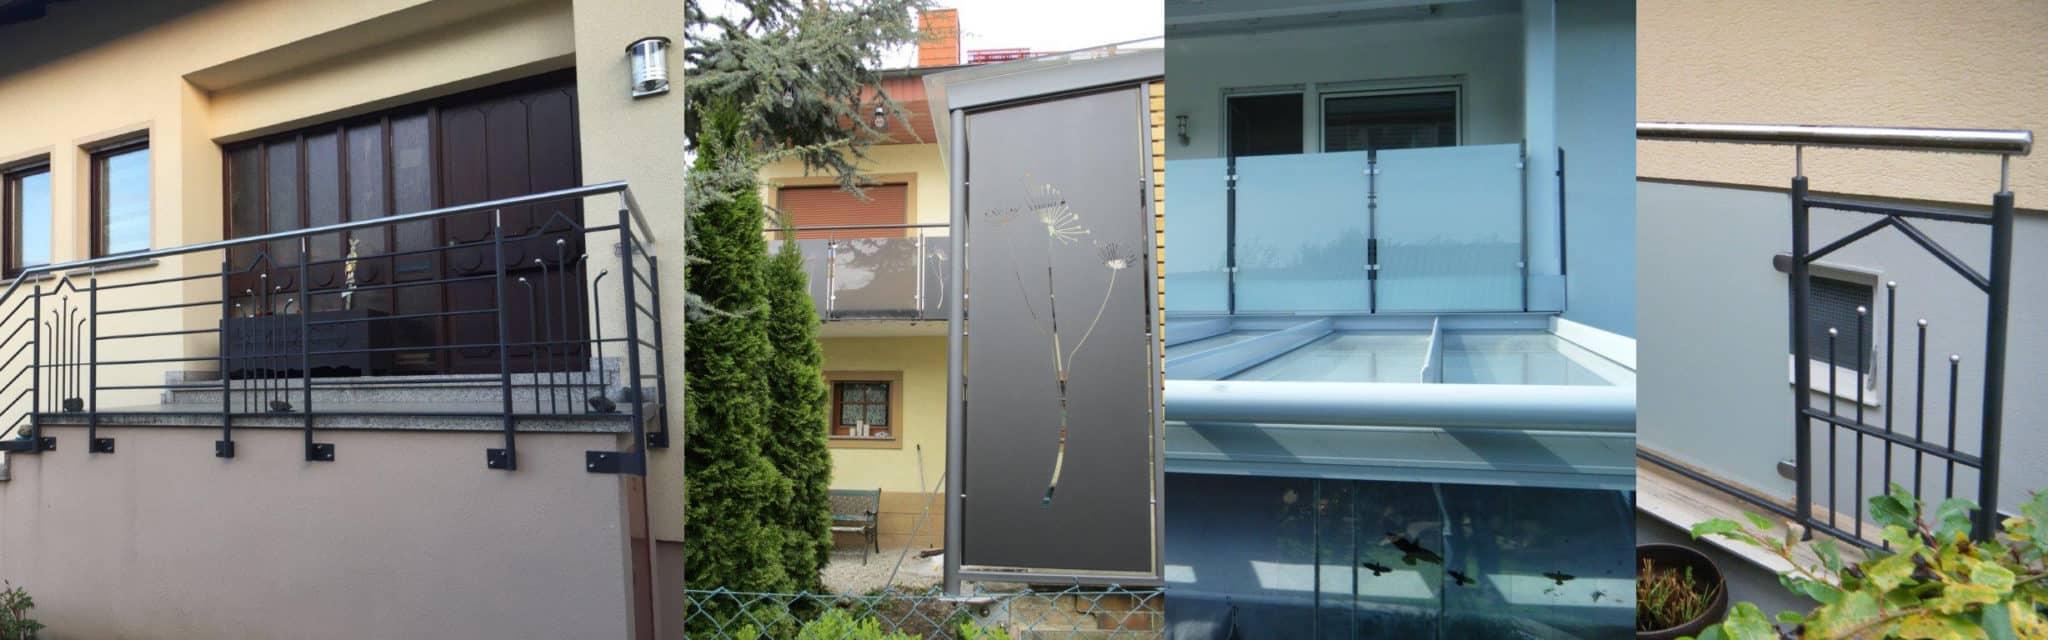 Verschiedene Varianten für den Bausatz